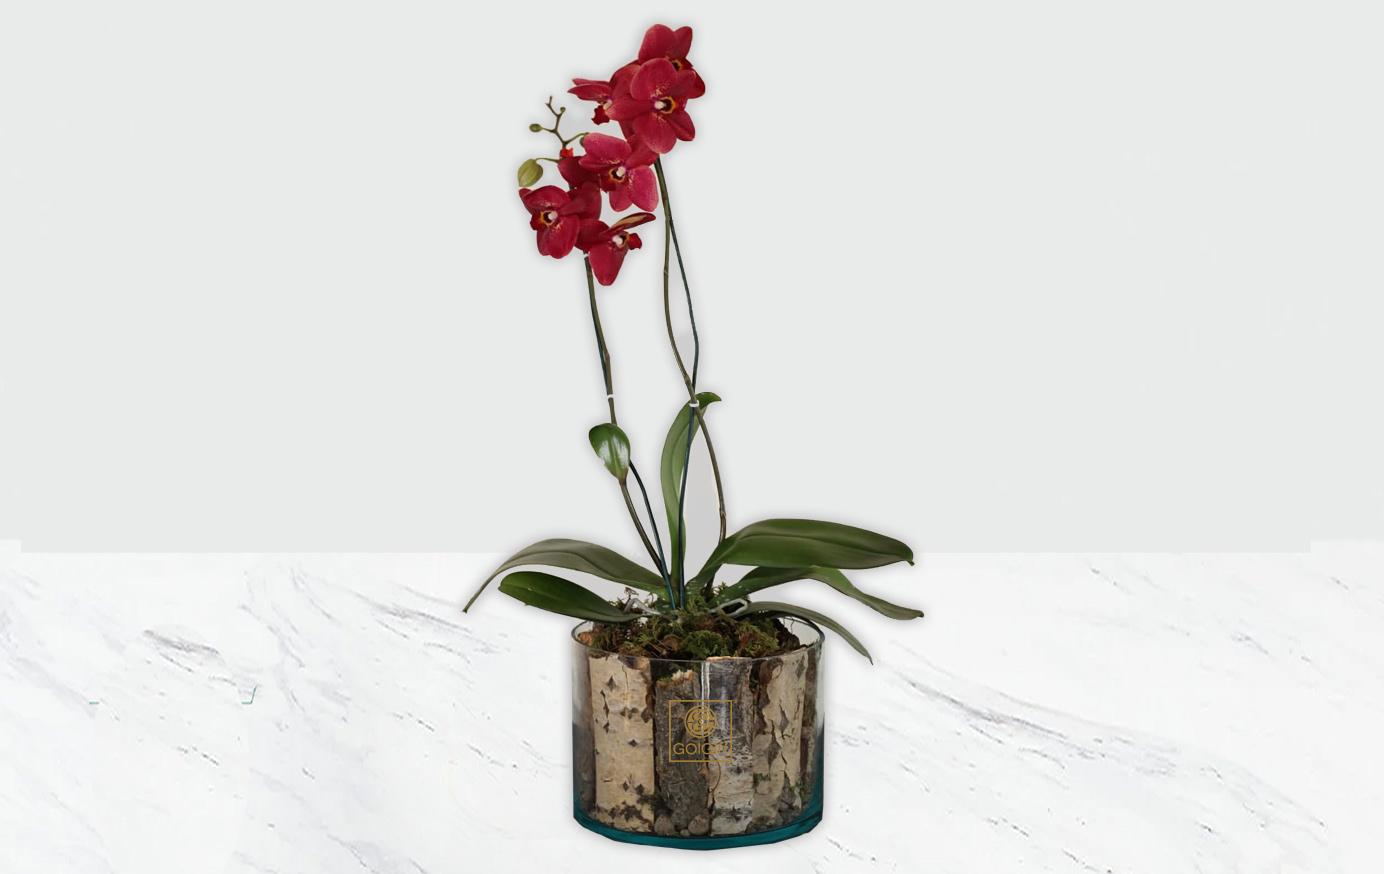 گلدان شیشهای ارکیده قرمز